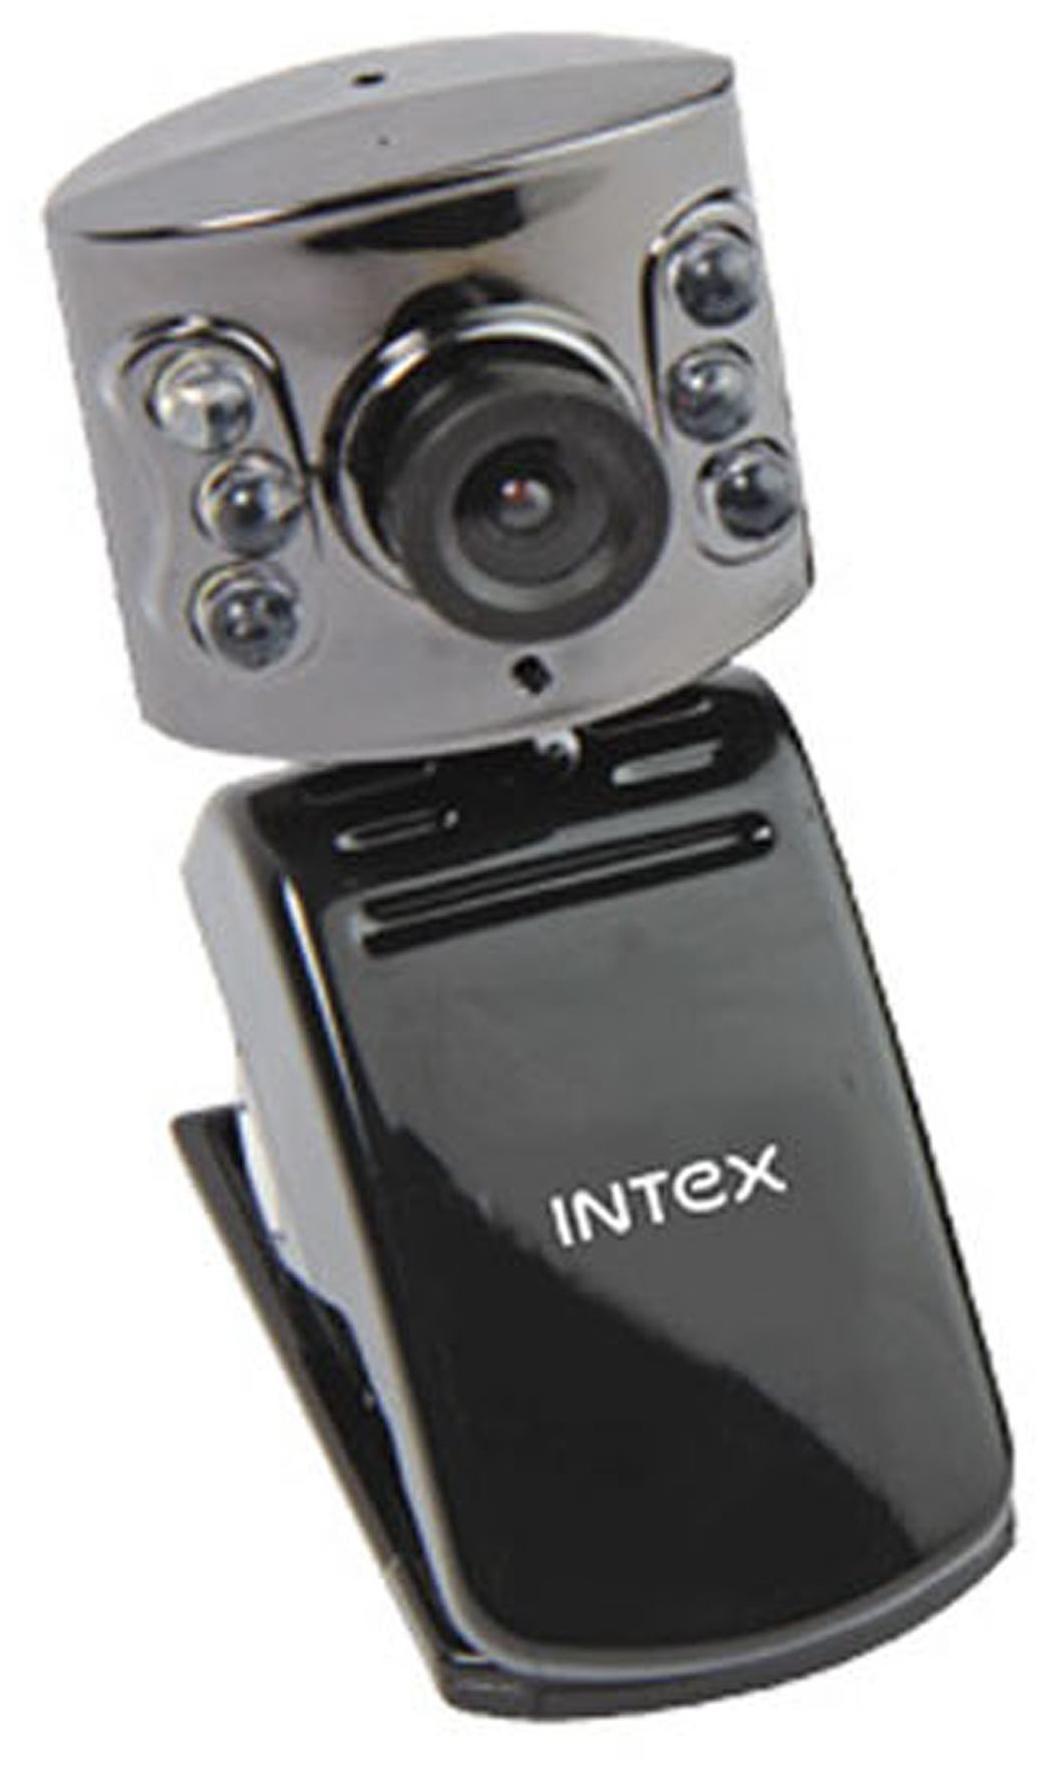 intex it 306wc